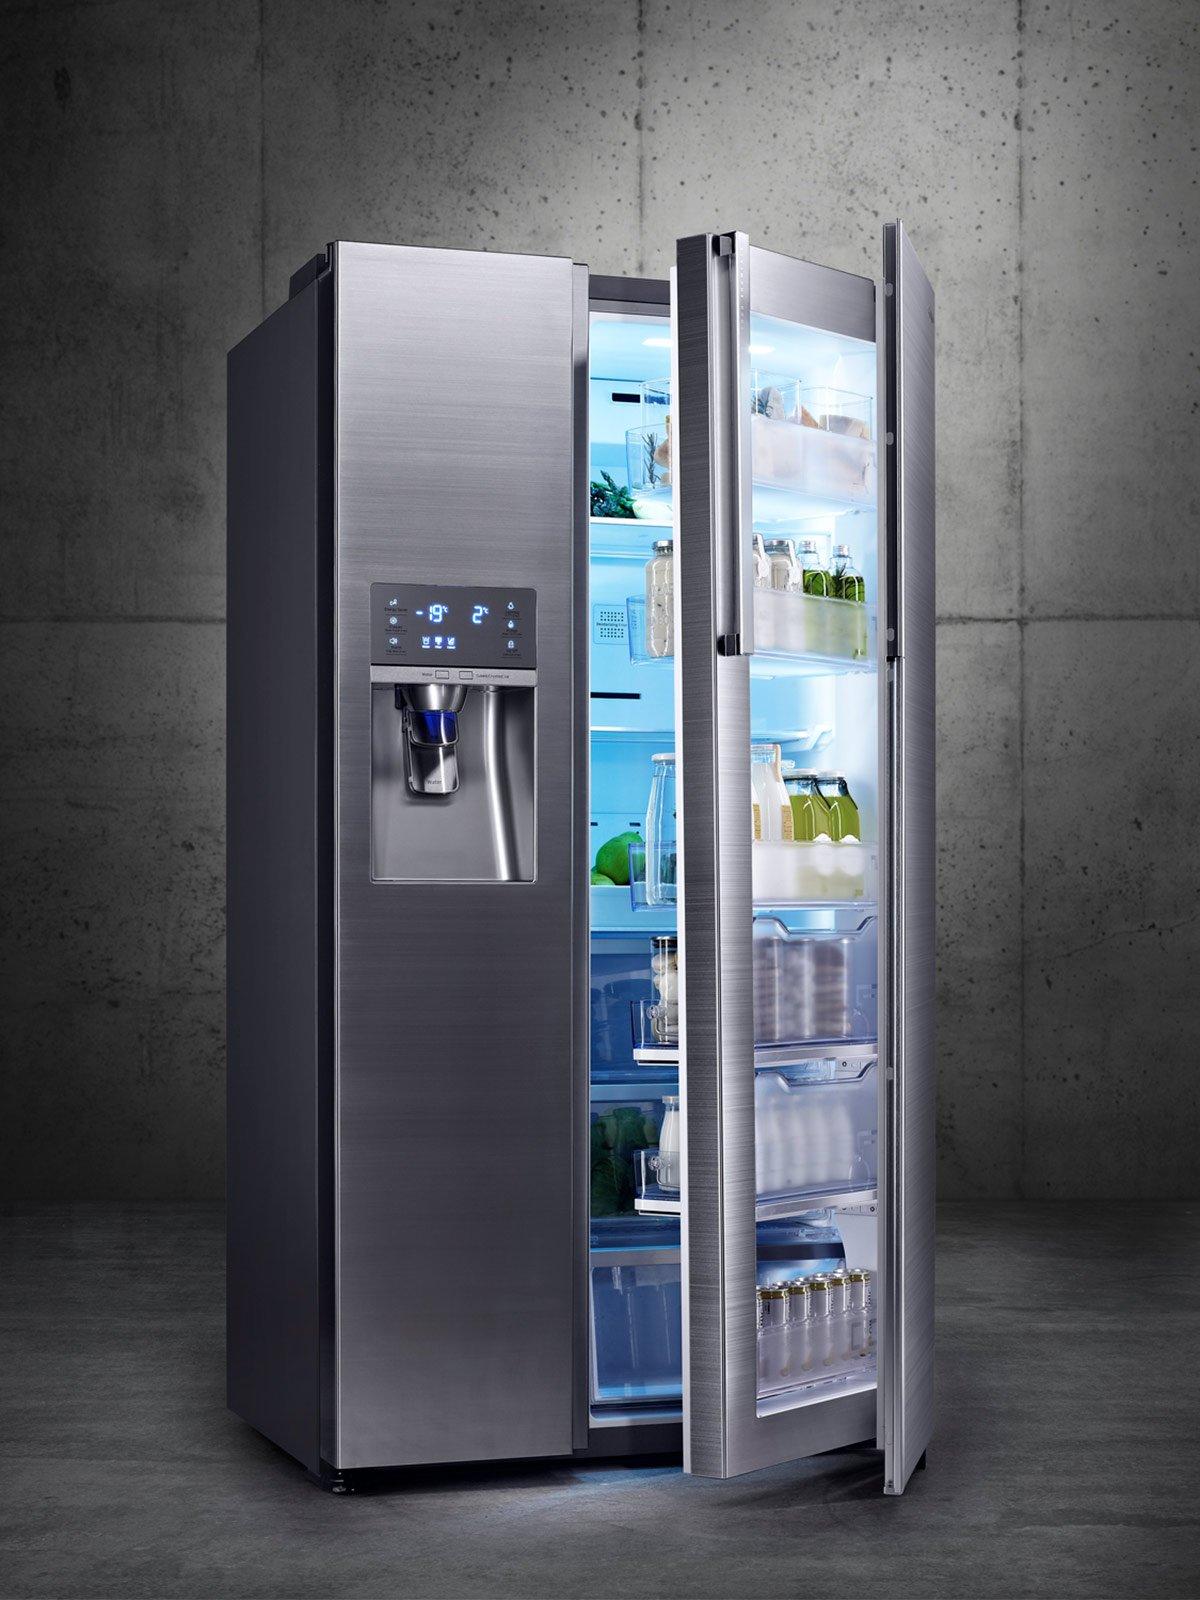 Cucina hi-tech: risparmiare energia con il frigo diviso in due parti ...